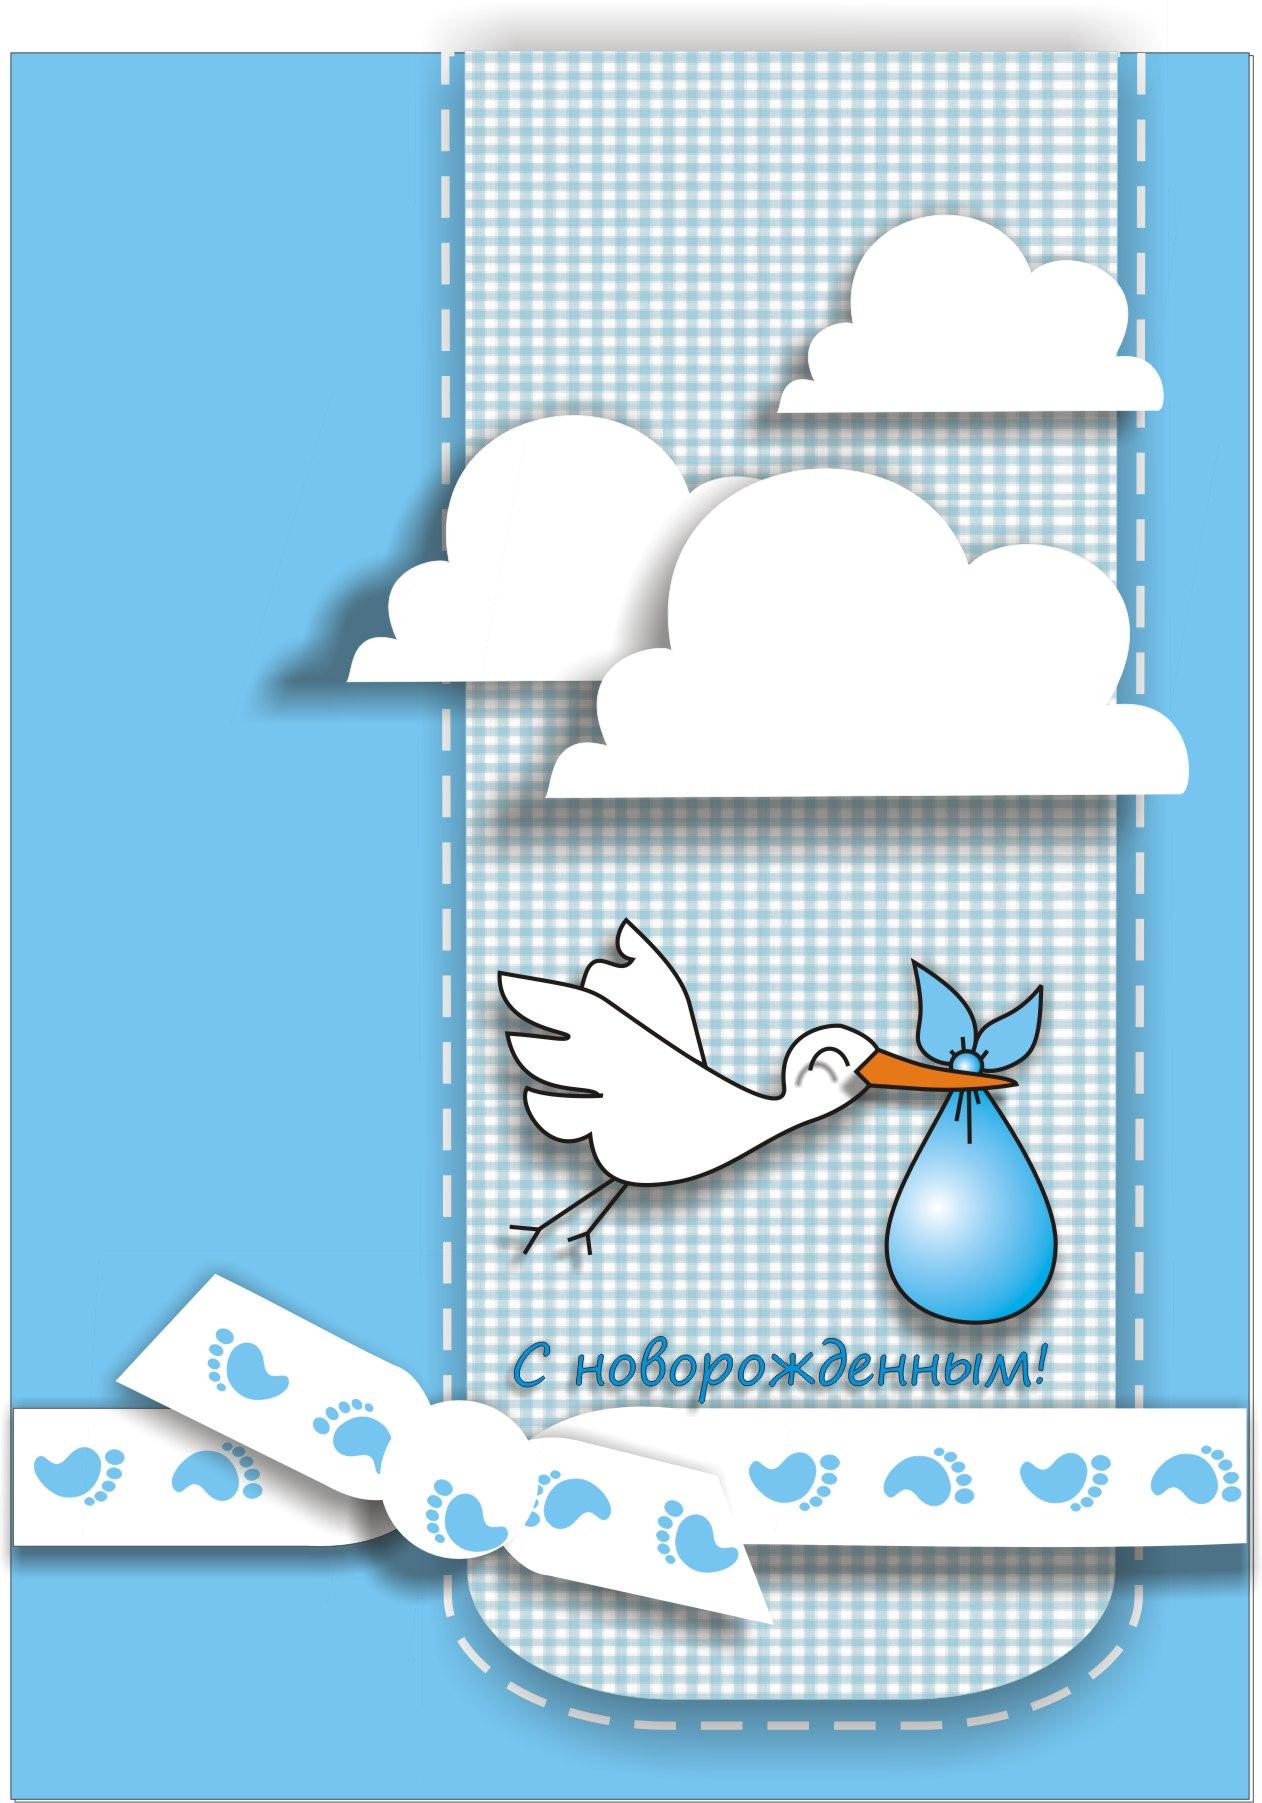 Днем, открытка с новорождены